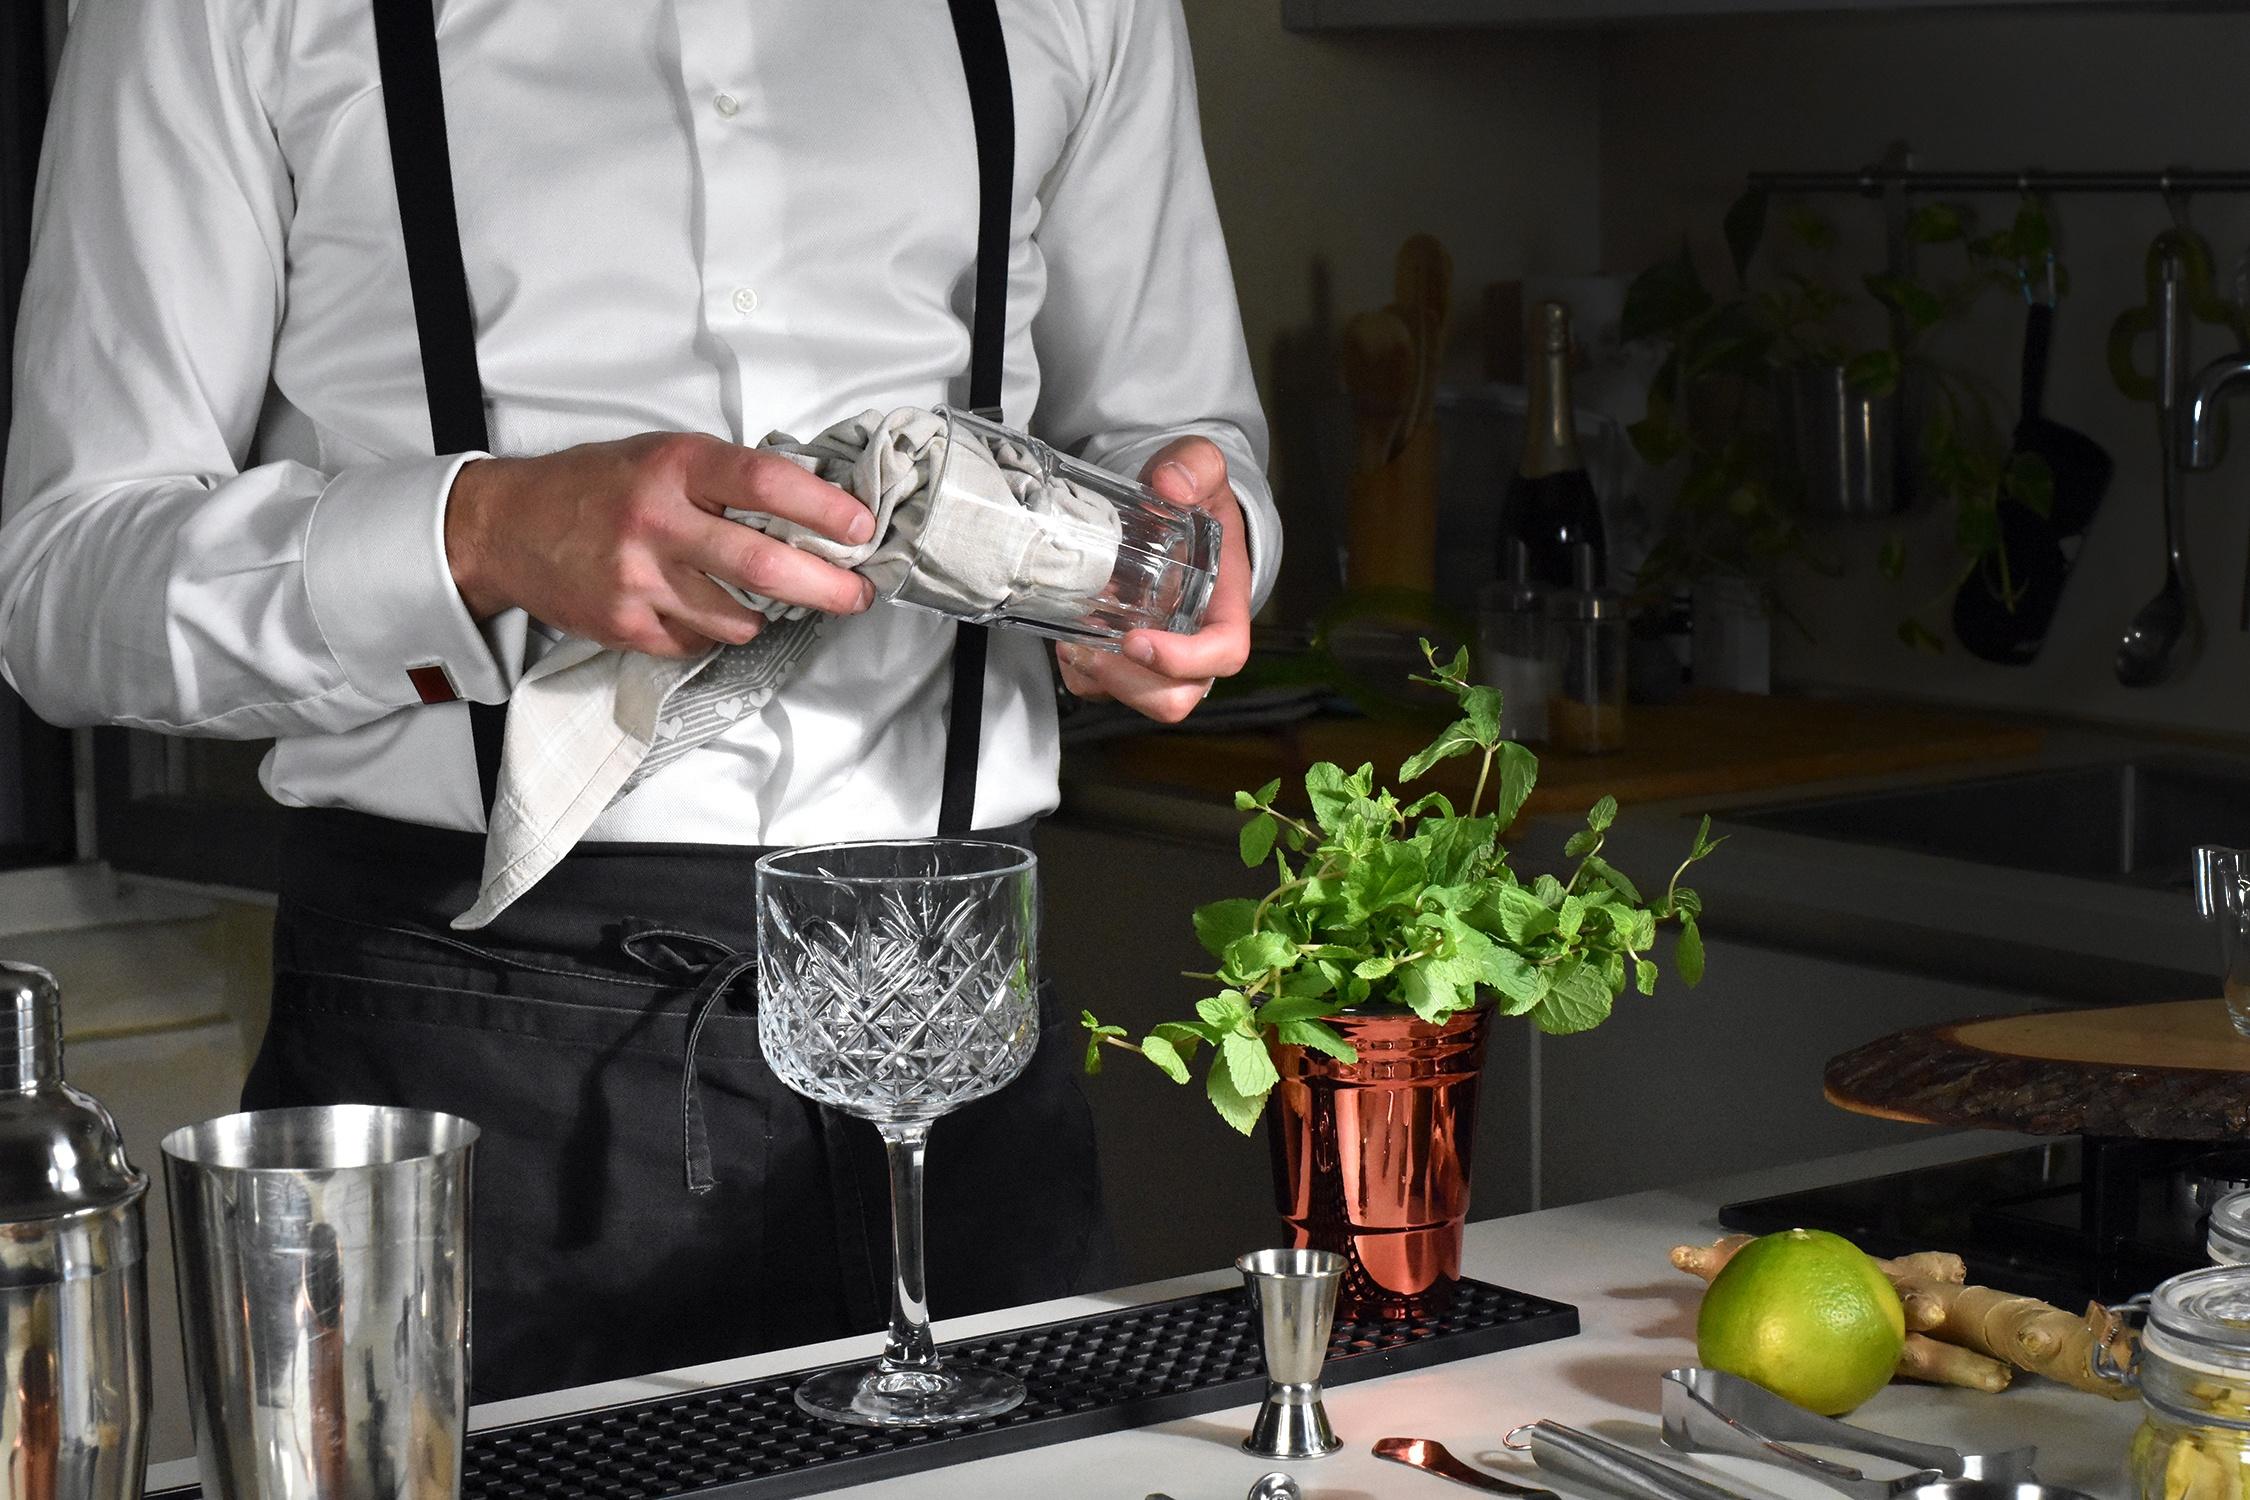 Servizio fotografico per Barman a domicilio per festa